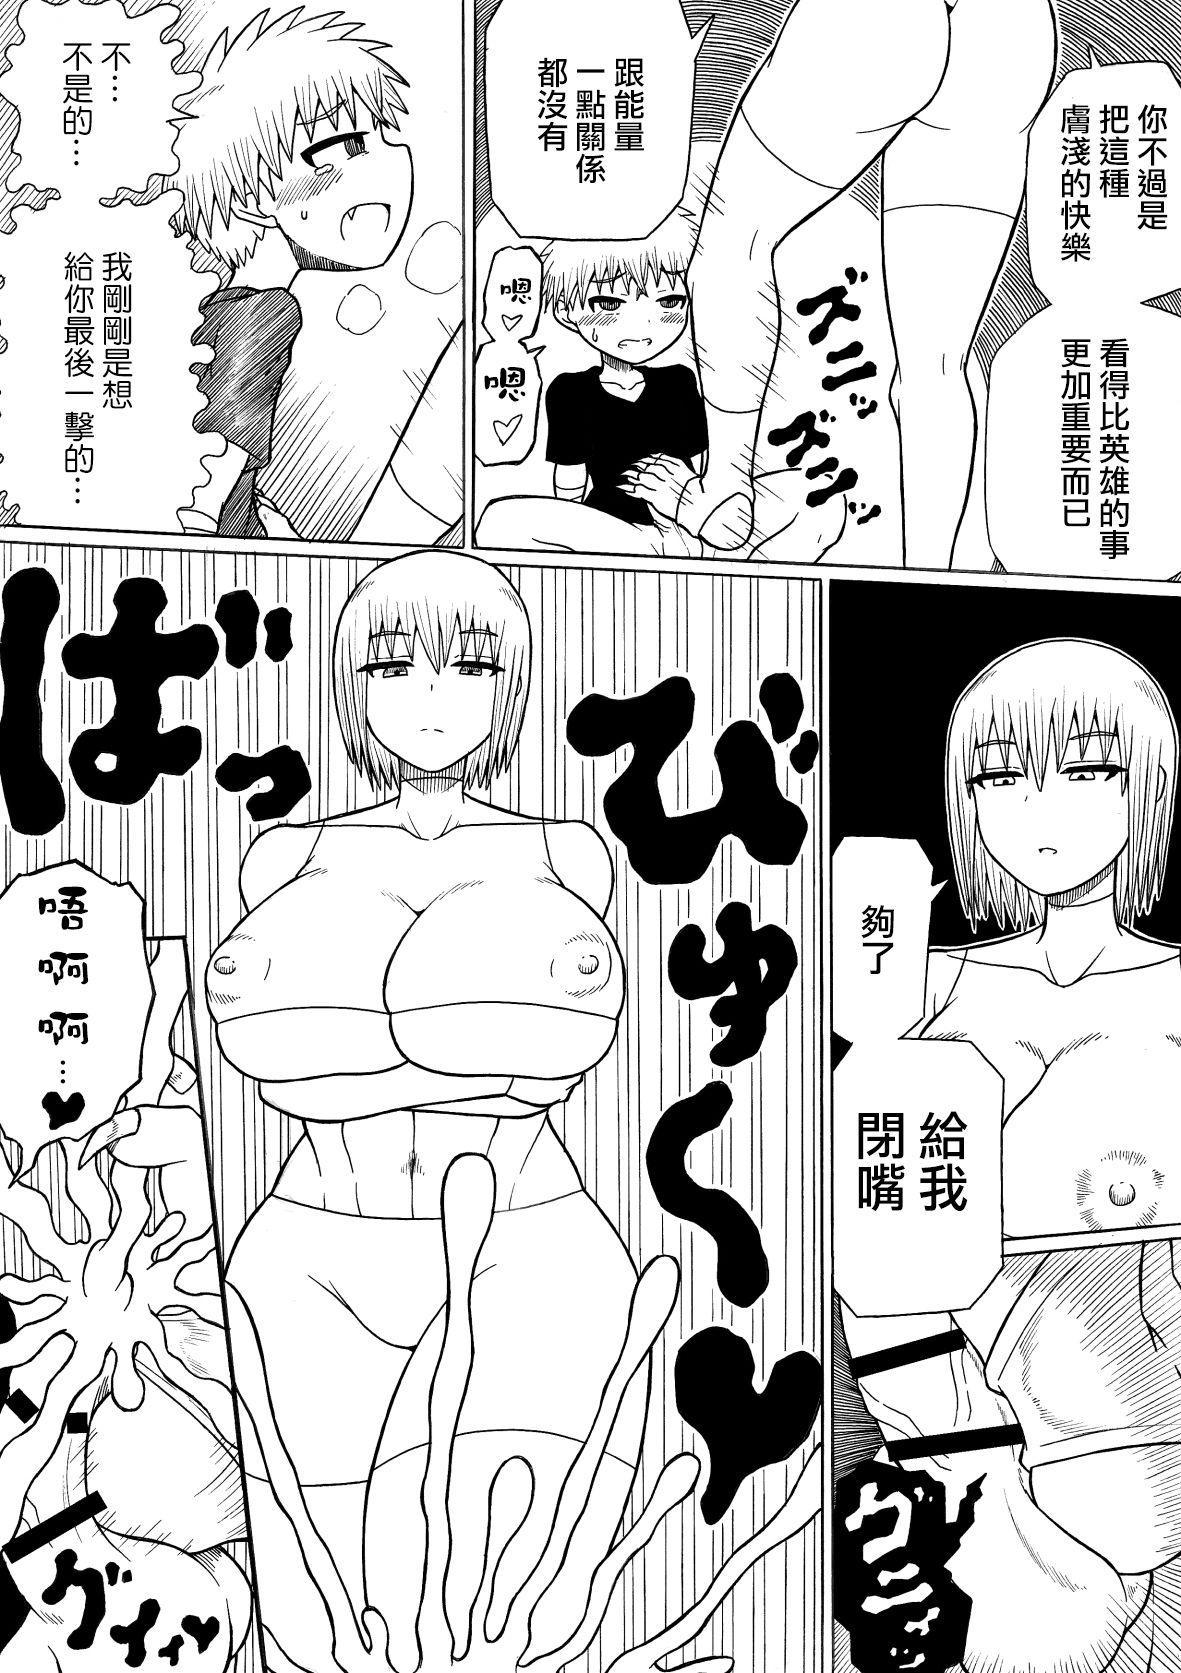 [Saga no Tame no Saga (Ratoo)] Hero haiboku ~ hajimari to owari ~ | 英雄敗北 ~起始與完結~ [Chinese] [沒有漢化] 33